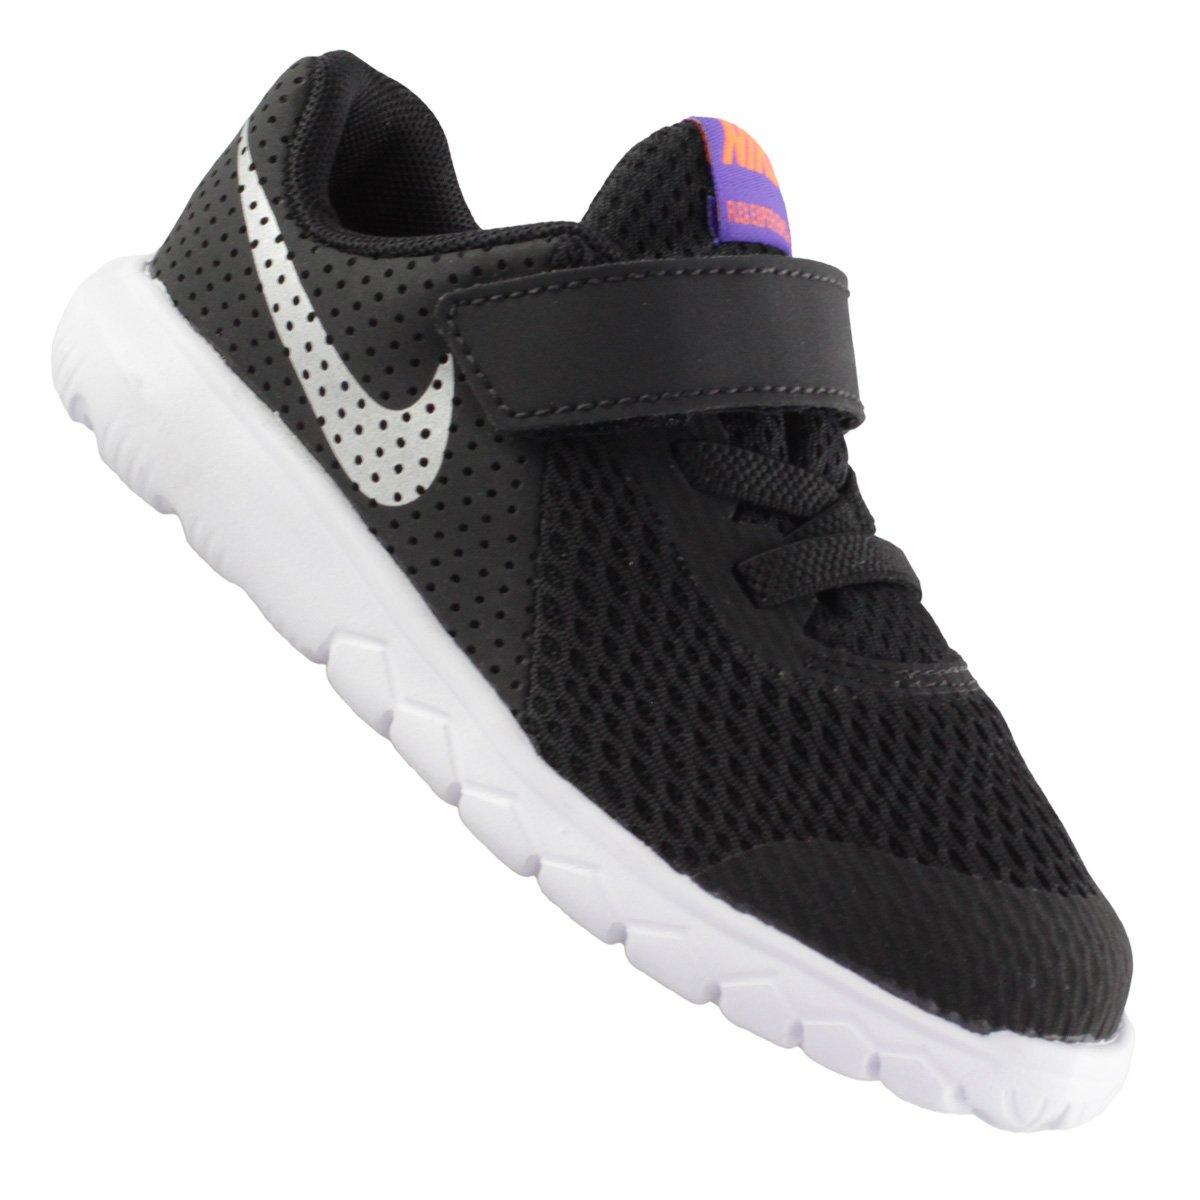 8e1bf282360 Tênis Nike Flex Experience 5 Infantil (Tdv)